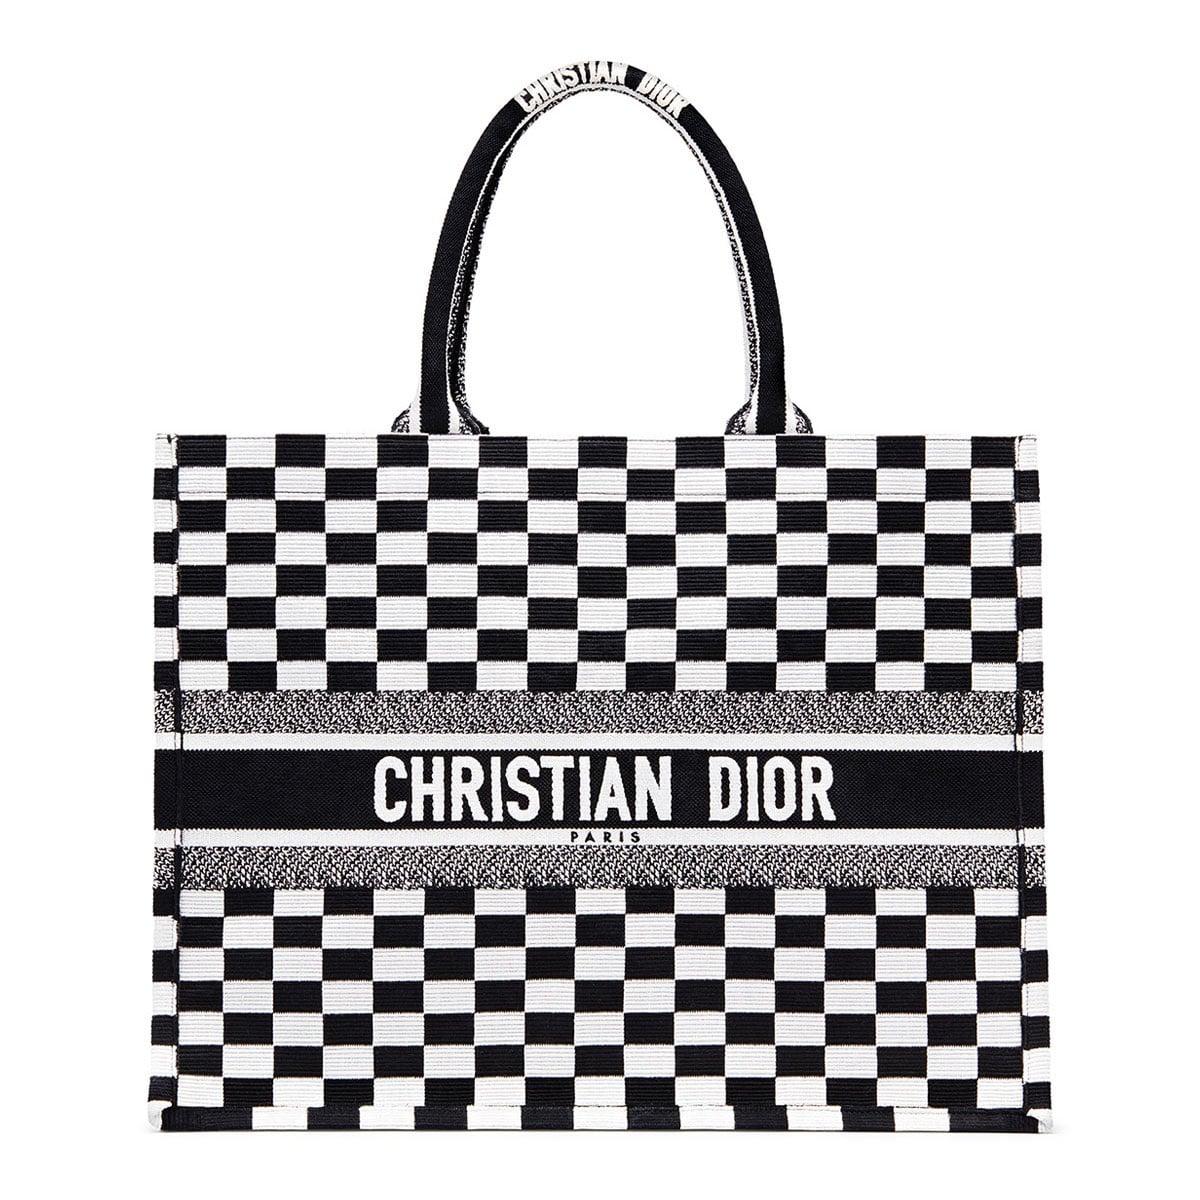 Dior Black White Checkered Embroidered Canvas Book Tote Bag a89fc213c25e9